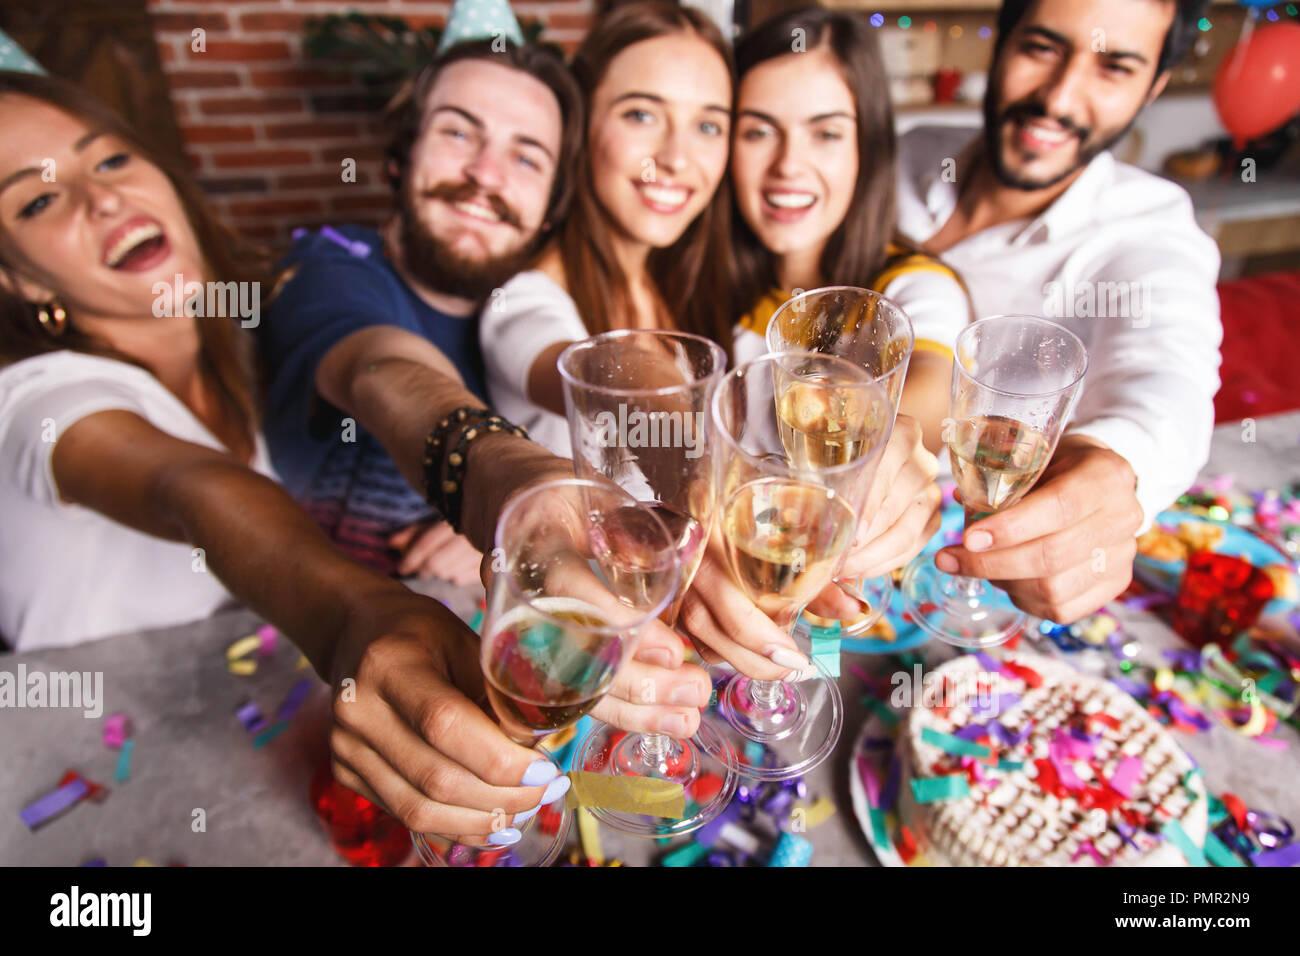 Multicultural attrayant meilleurs amis de rire et de sensibilisation avec des verres de champagne, ils celebrating Birthday party Photo Stock